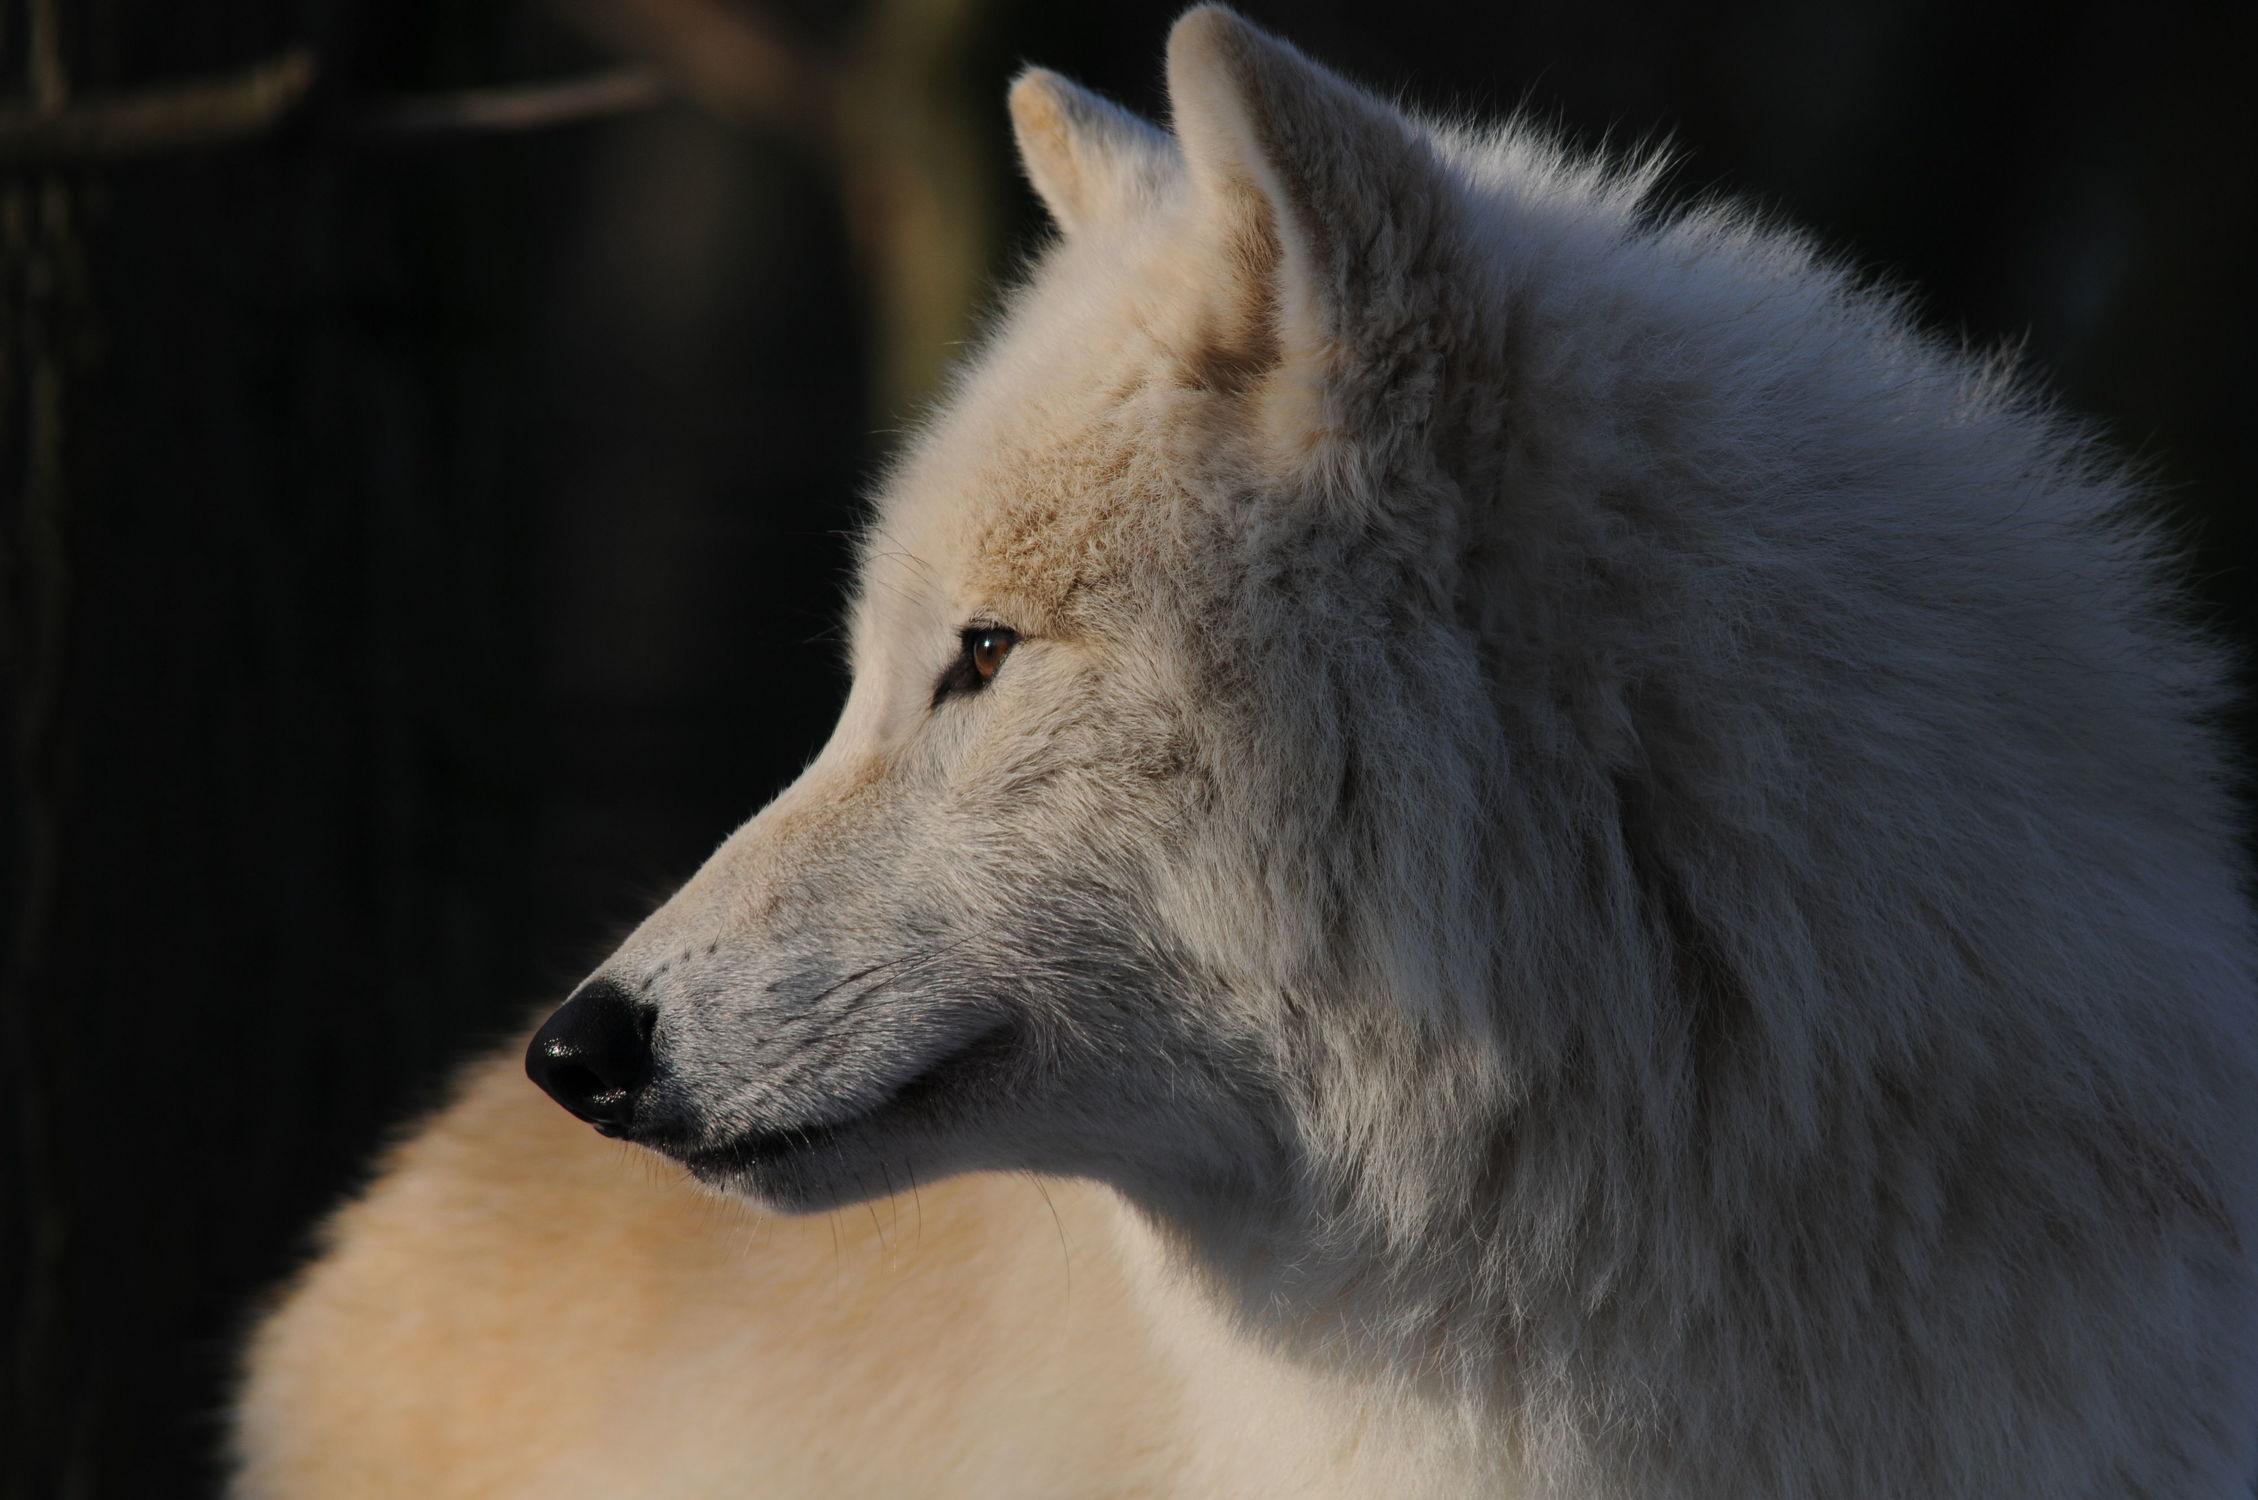 Bild mit Tiere, Natur, Tier, Tierisches, Tierwelt, Wildnis, Wolf, Wölfe, weißer Wolf